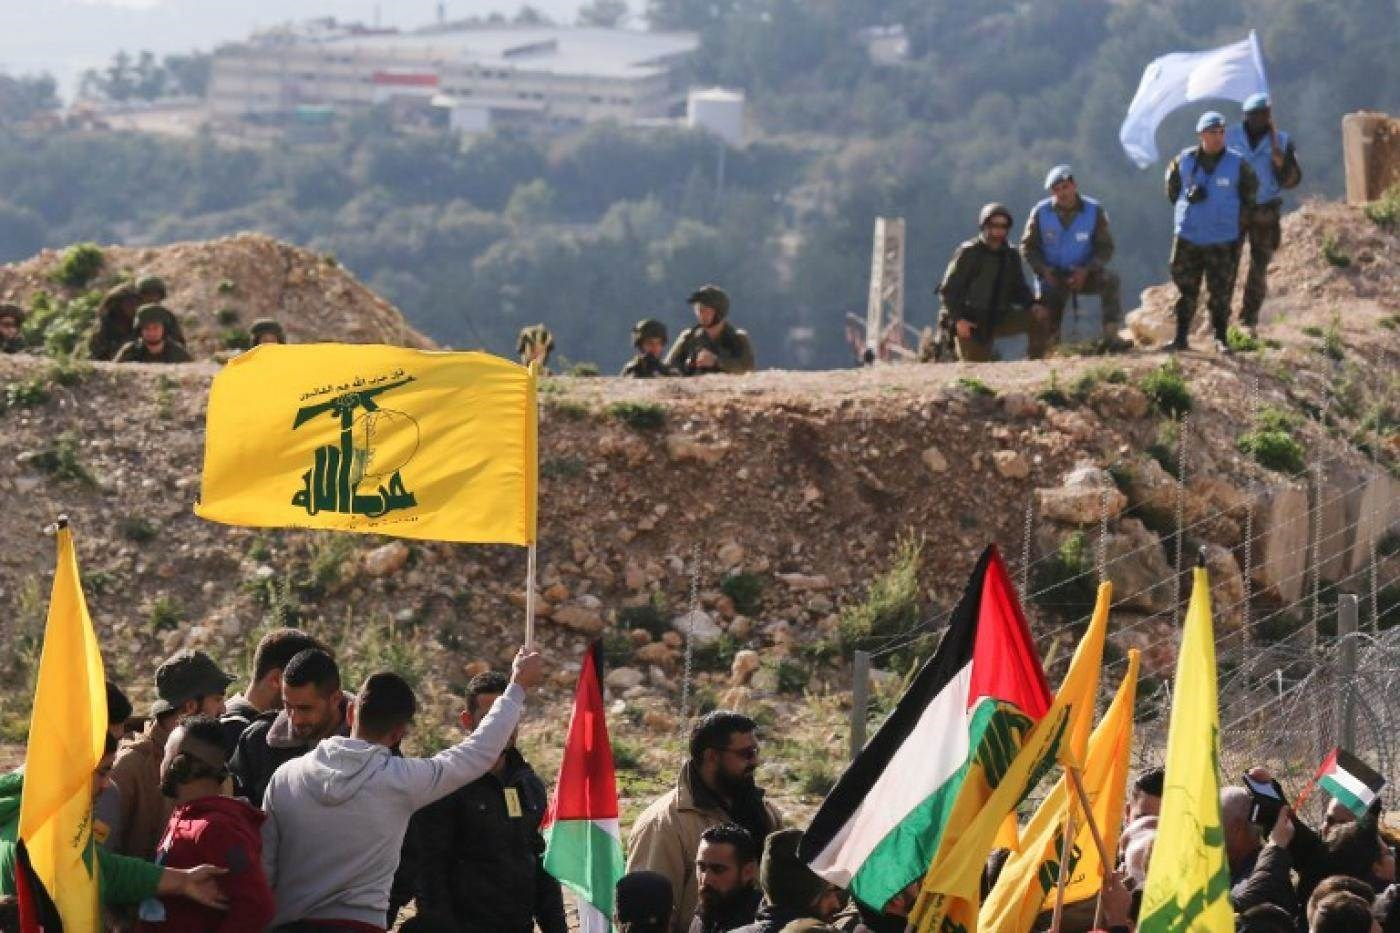 حزب الله بين جيلين: مدار الأزمات والانتصارات!